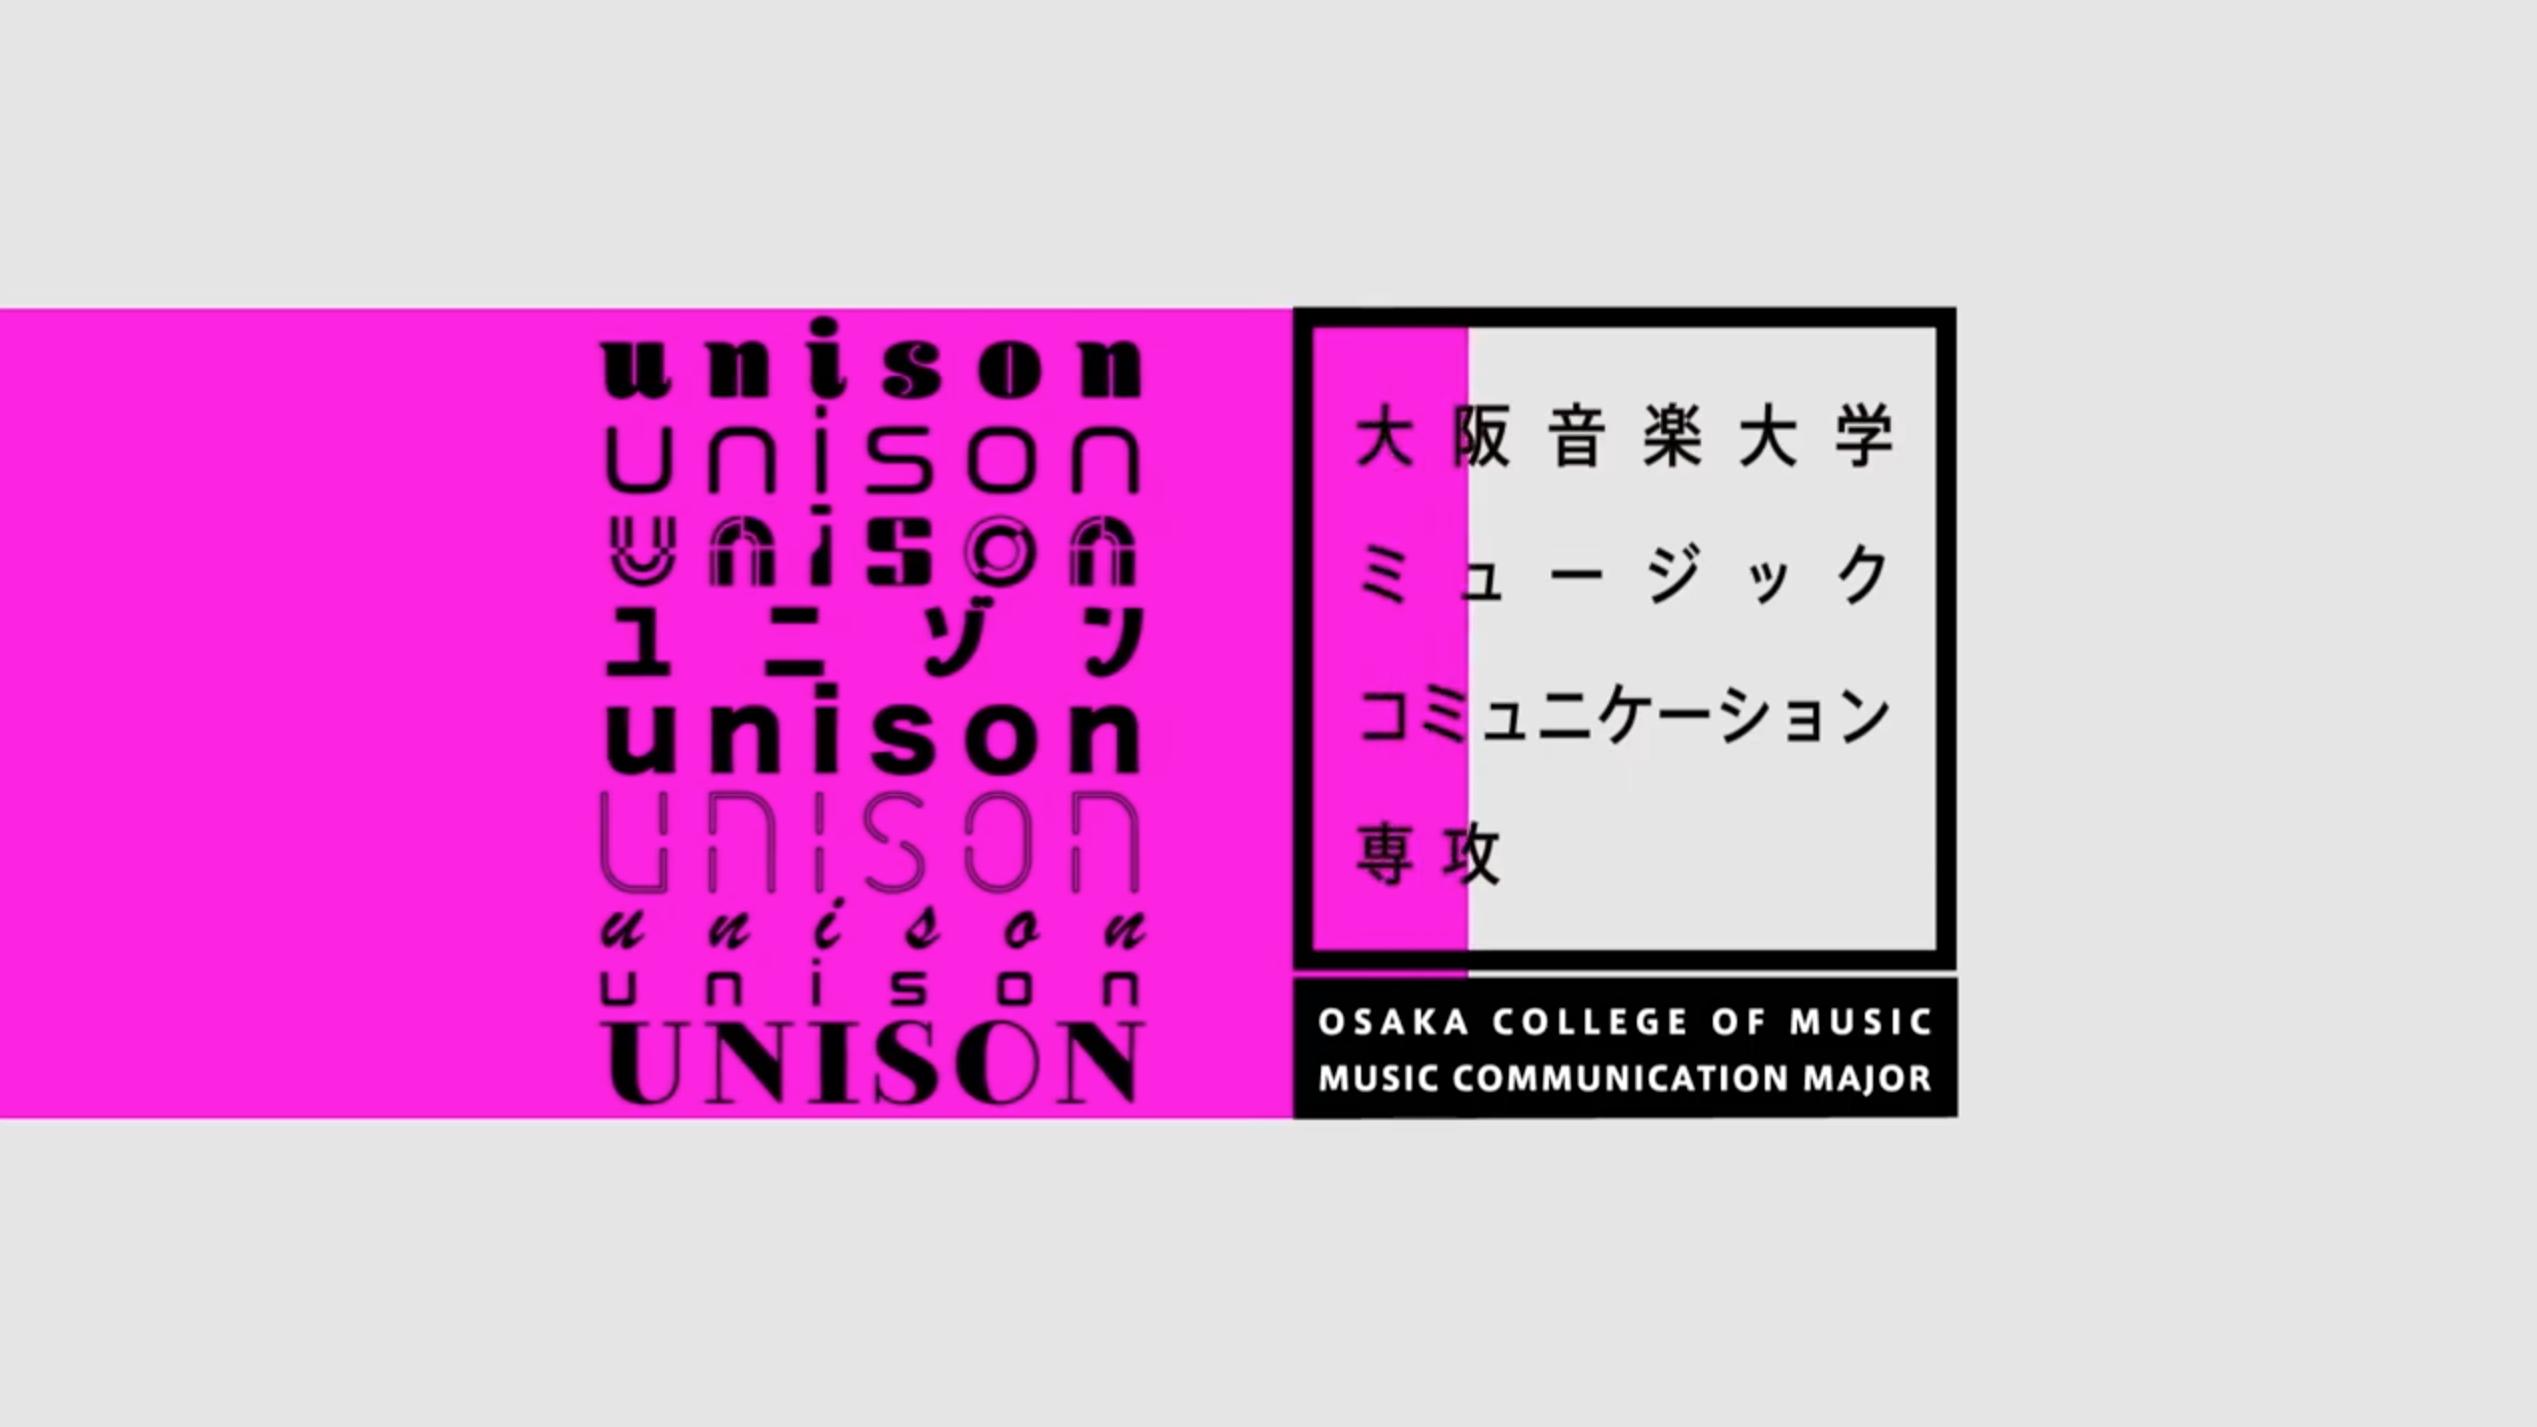 「ユニゾン/unison」大阪音楽大学ミュージックコミュニケーション専攻の活動紹介動画スタート!